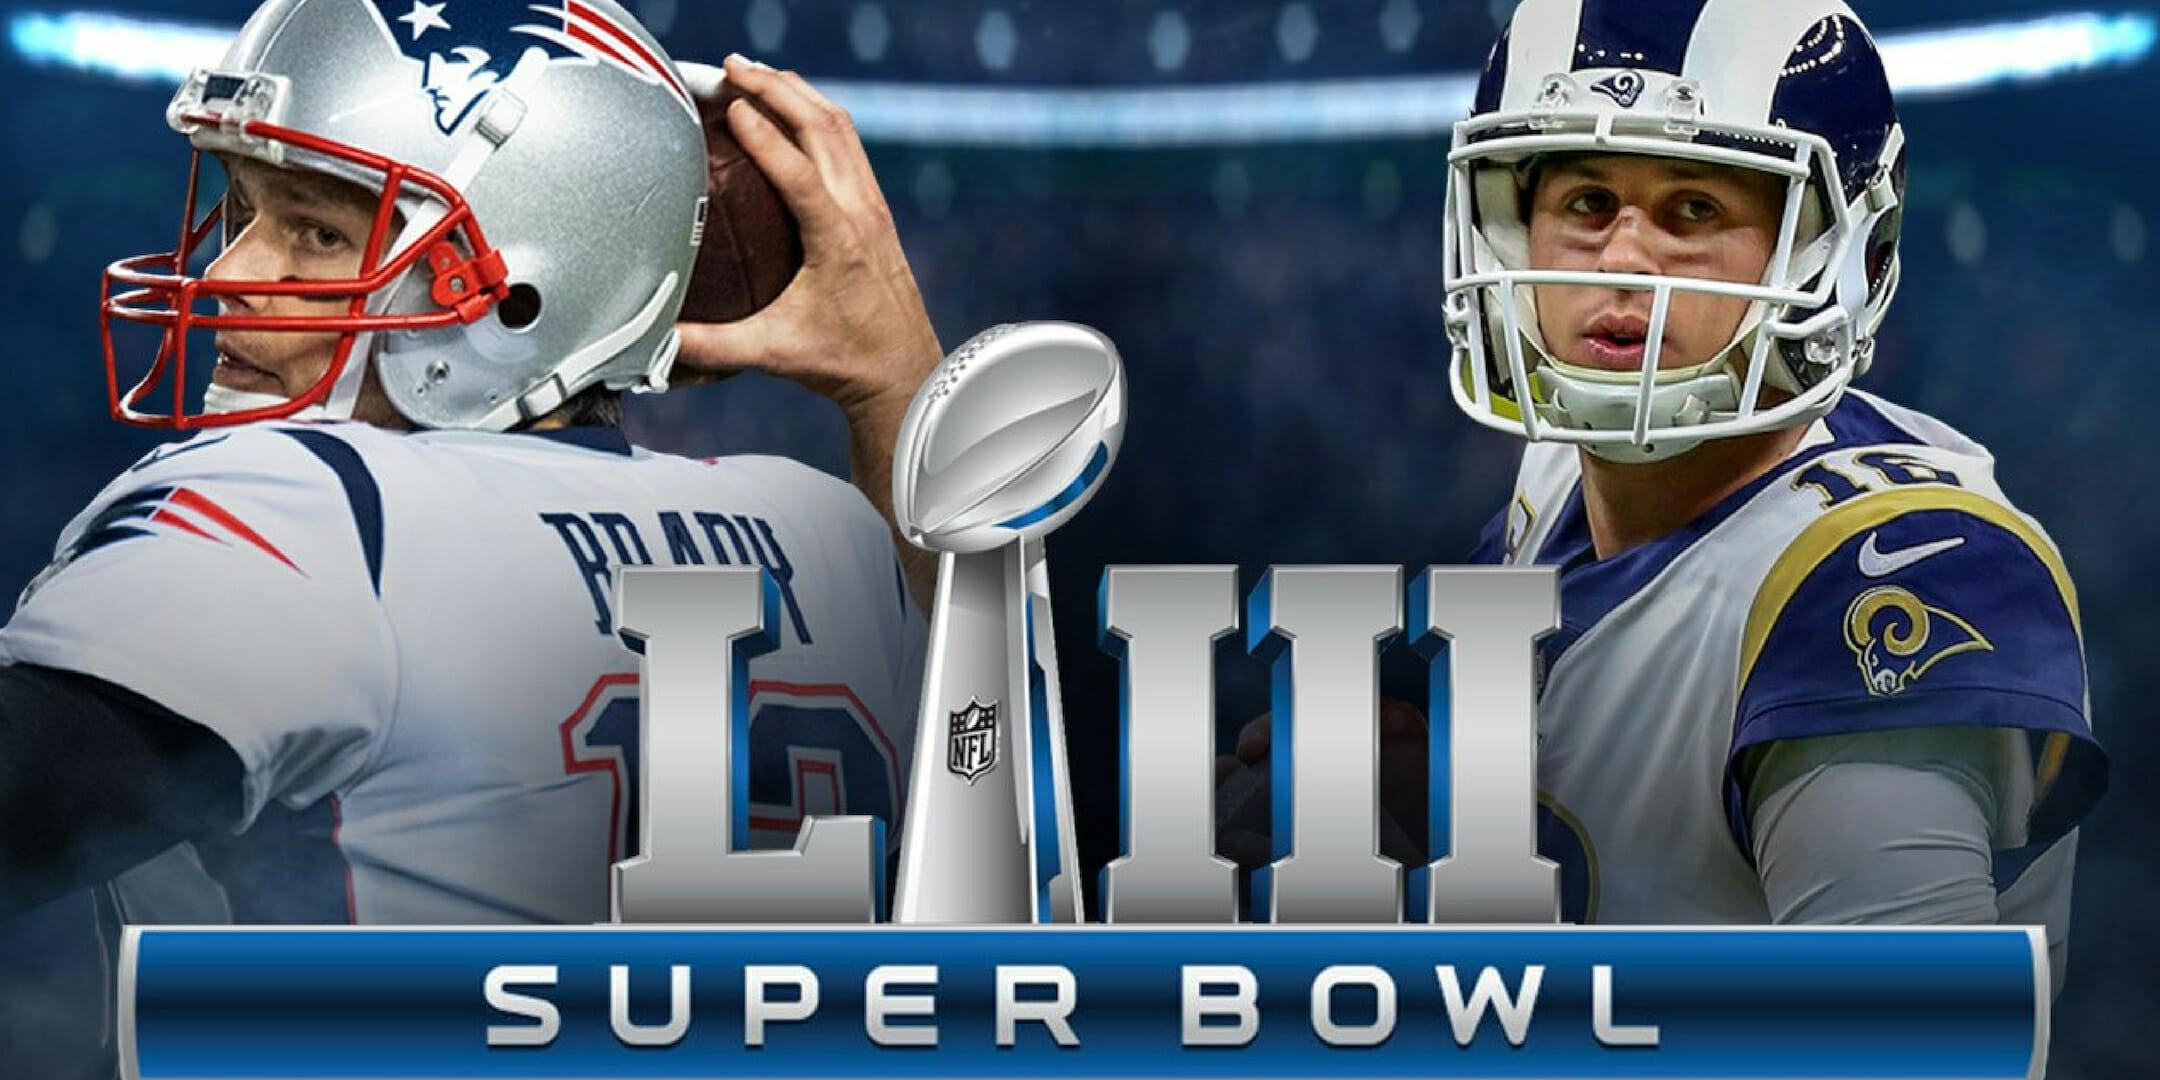 Ikebana Sushi Bars Super Bowl 2019 Patriots Rams Guaynabo